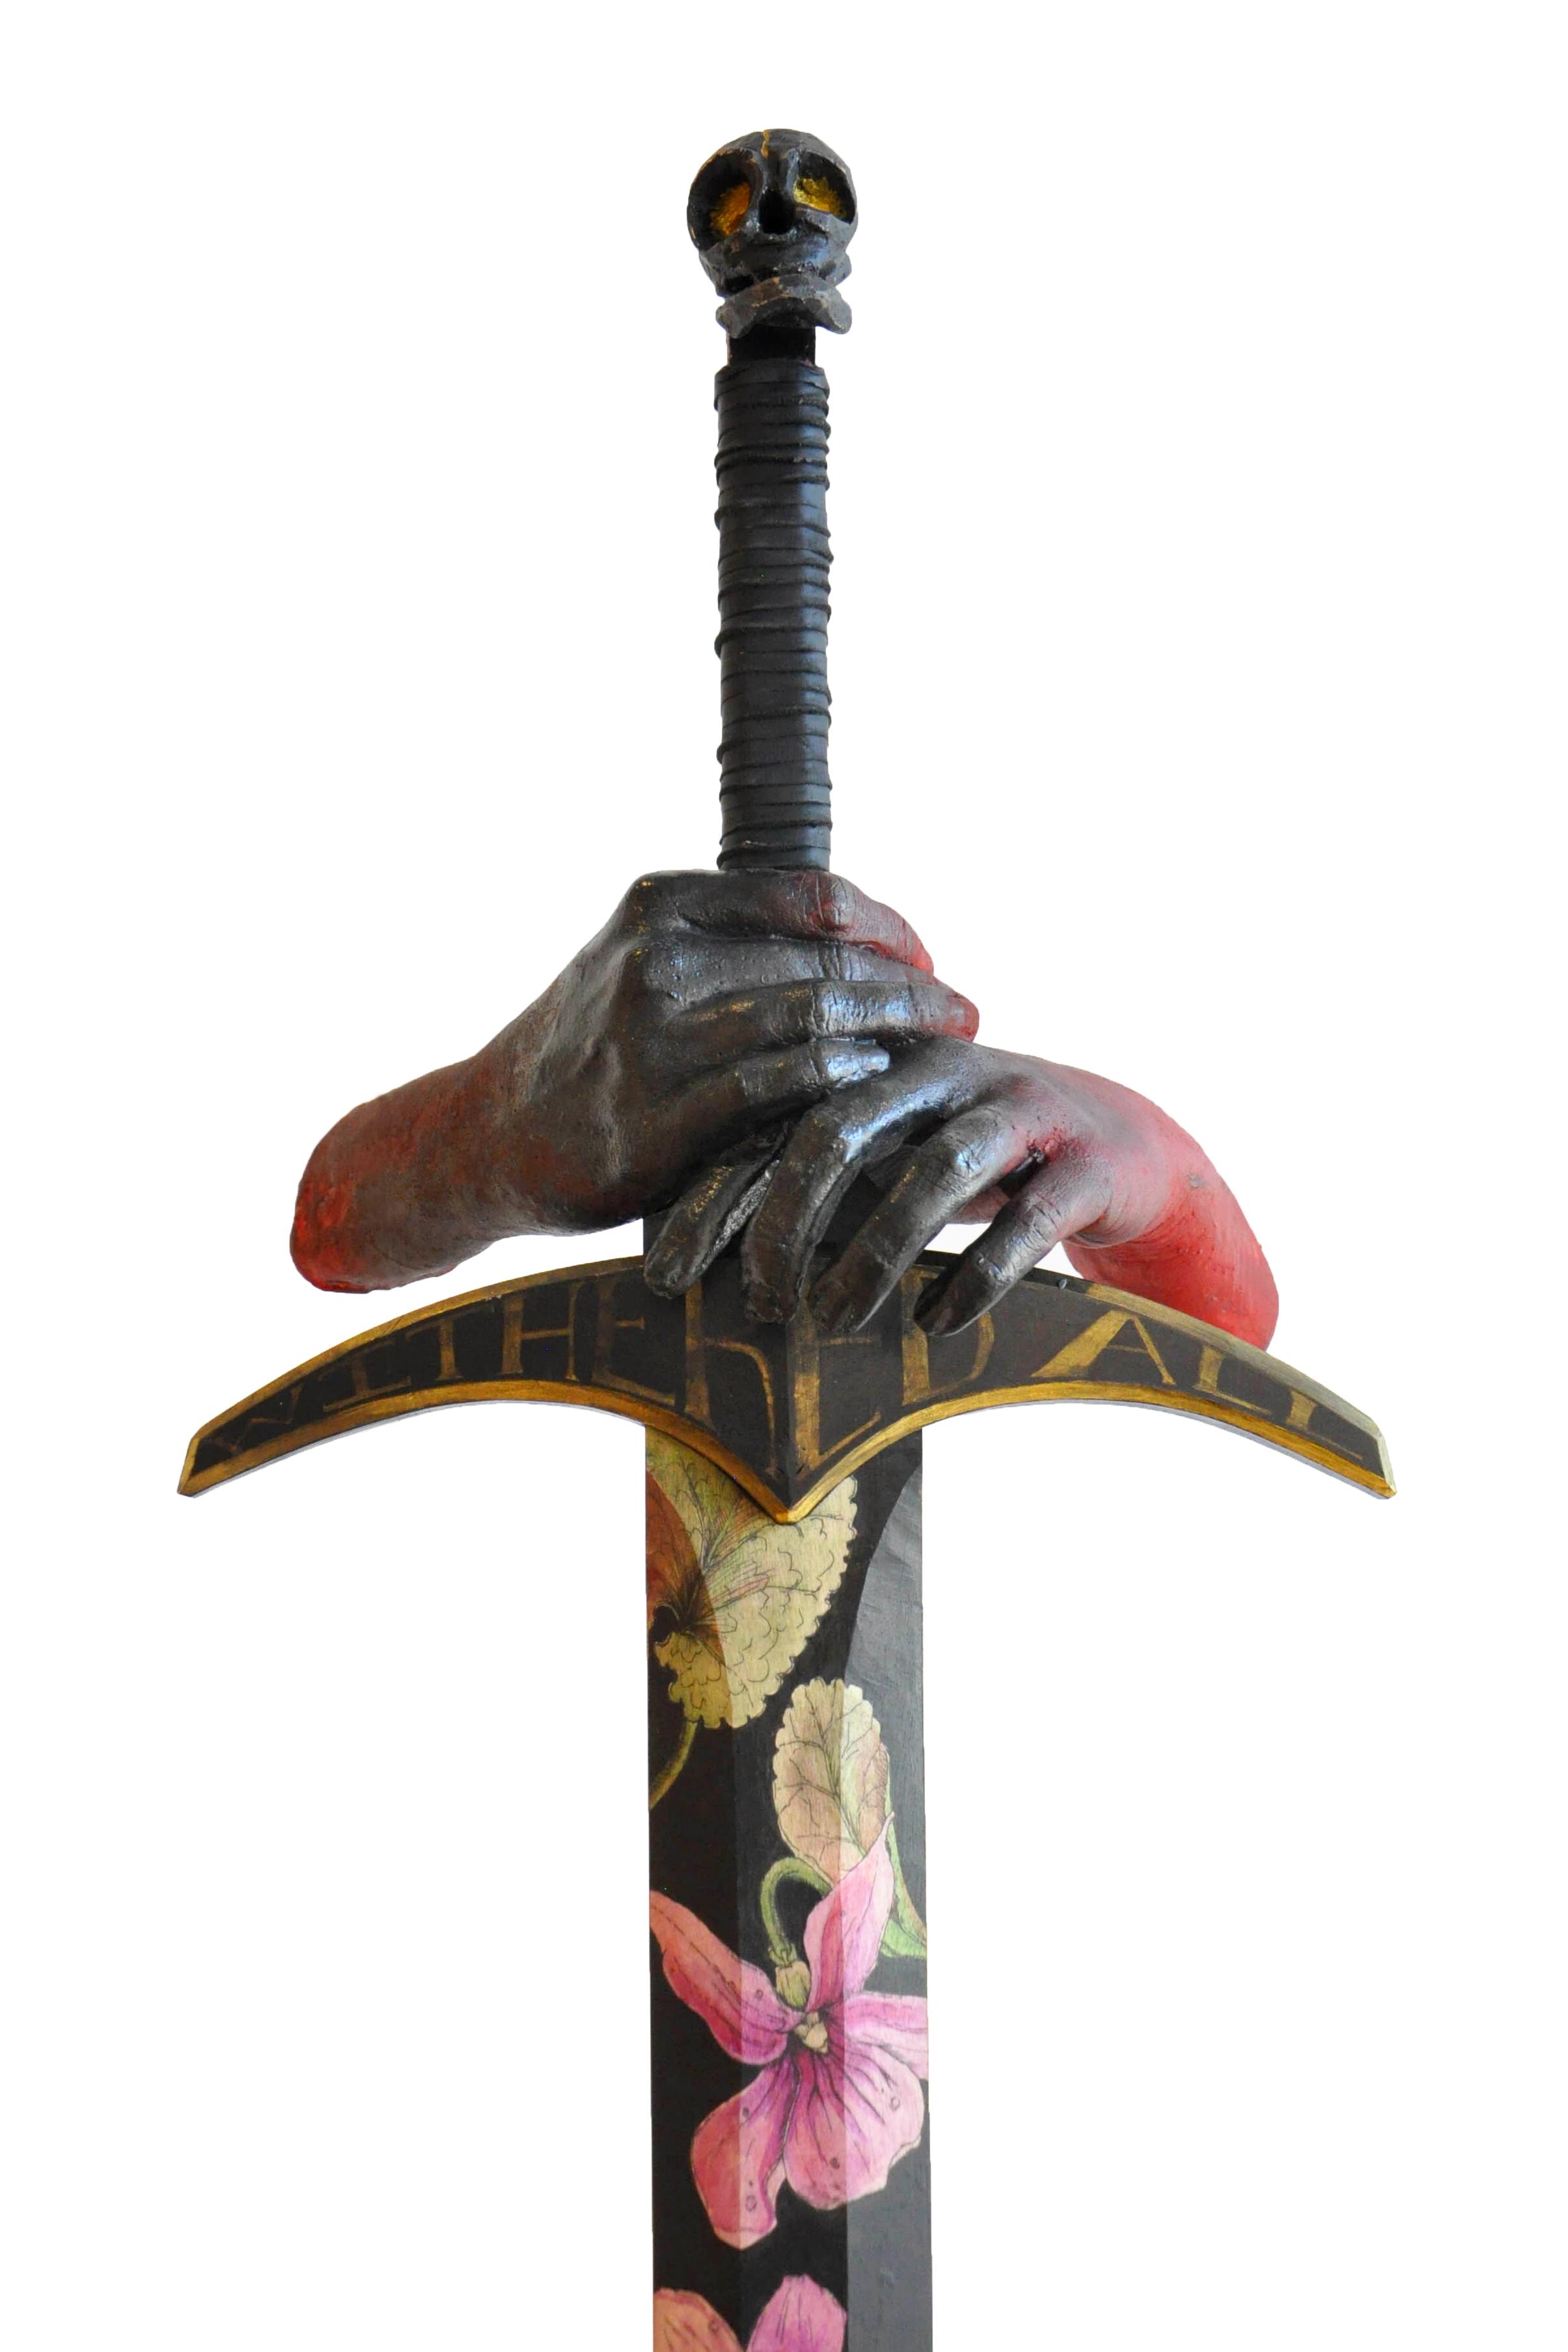 Sword-Violets-Detail-1.jpg